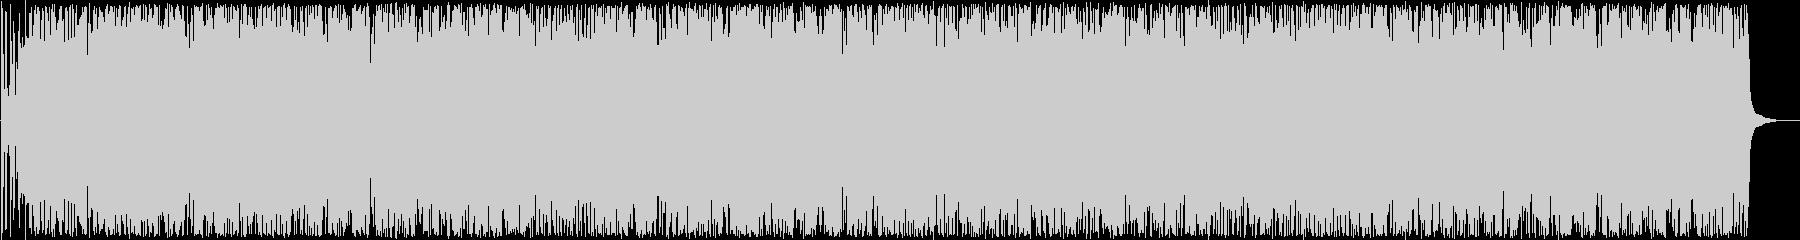 楽しいトランペット打楽器ラテン系サウンドの未再生の波形